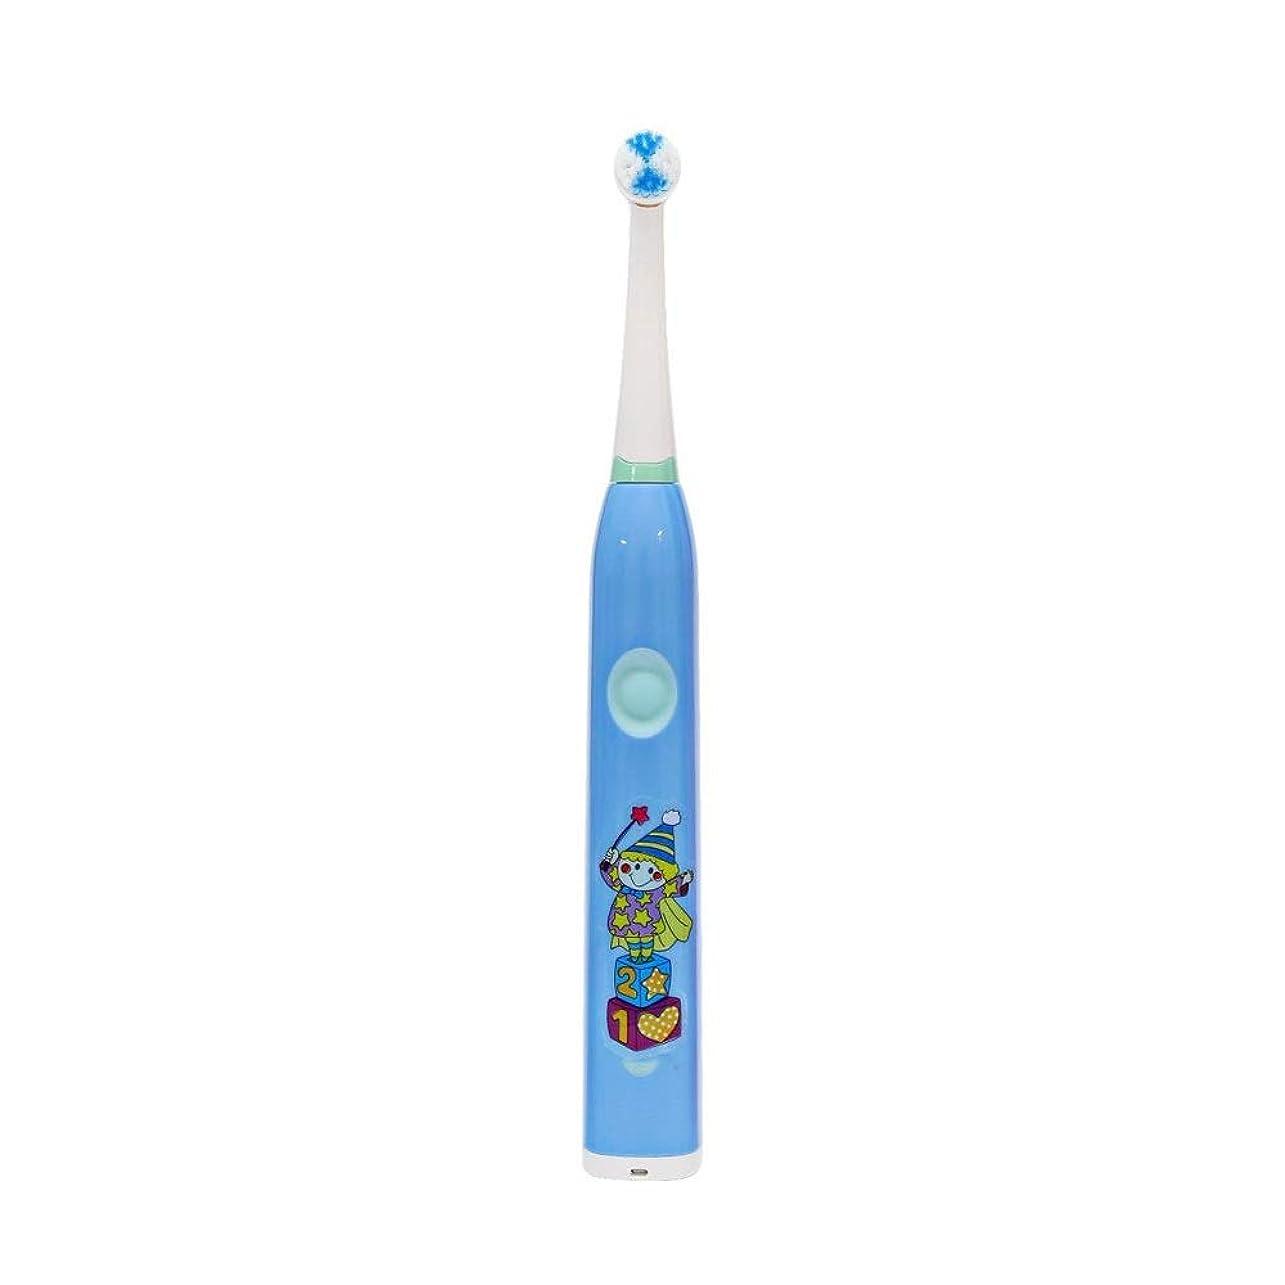 咲く学習者換気電動歯ブラシ, 子供用電動歯ブラシかわいいUSB充電式歯ブラシ (色 : 青, サイズ : Free size)